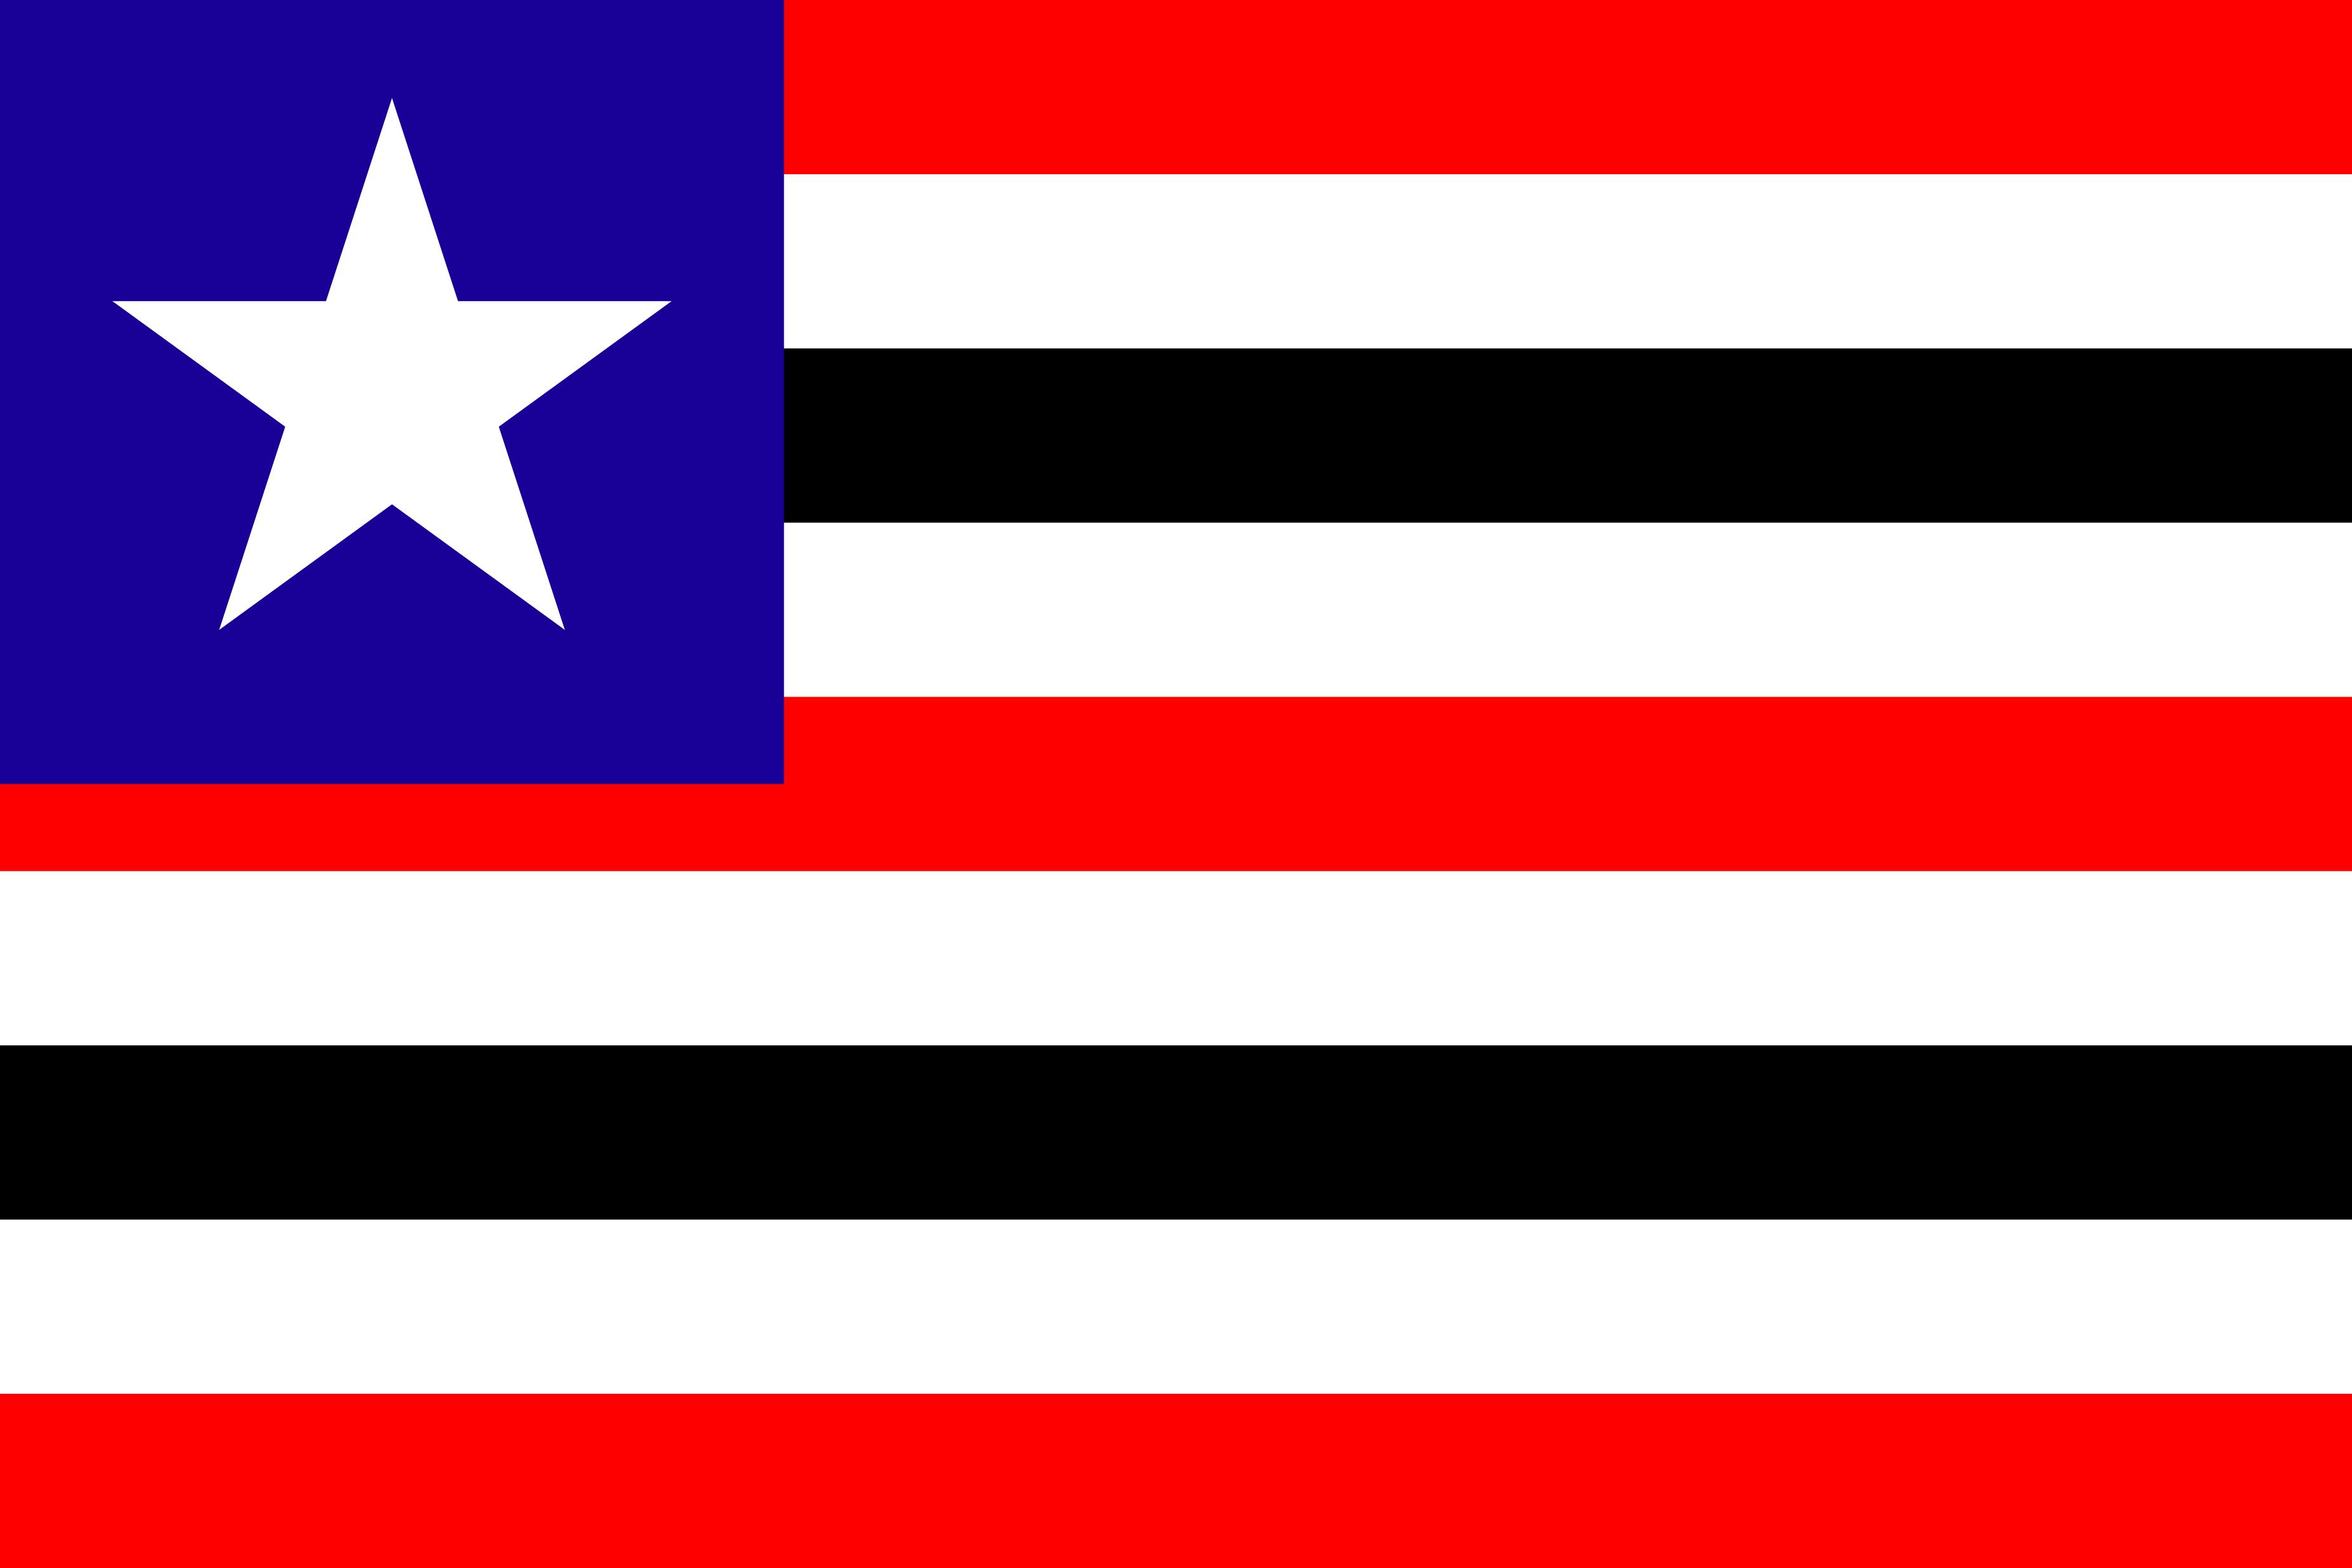 bandeira-do-maranhao-estado